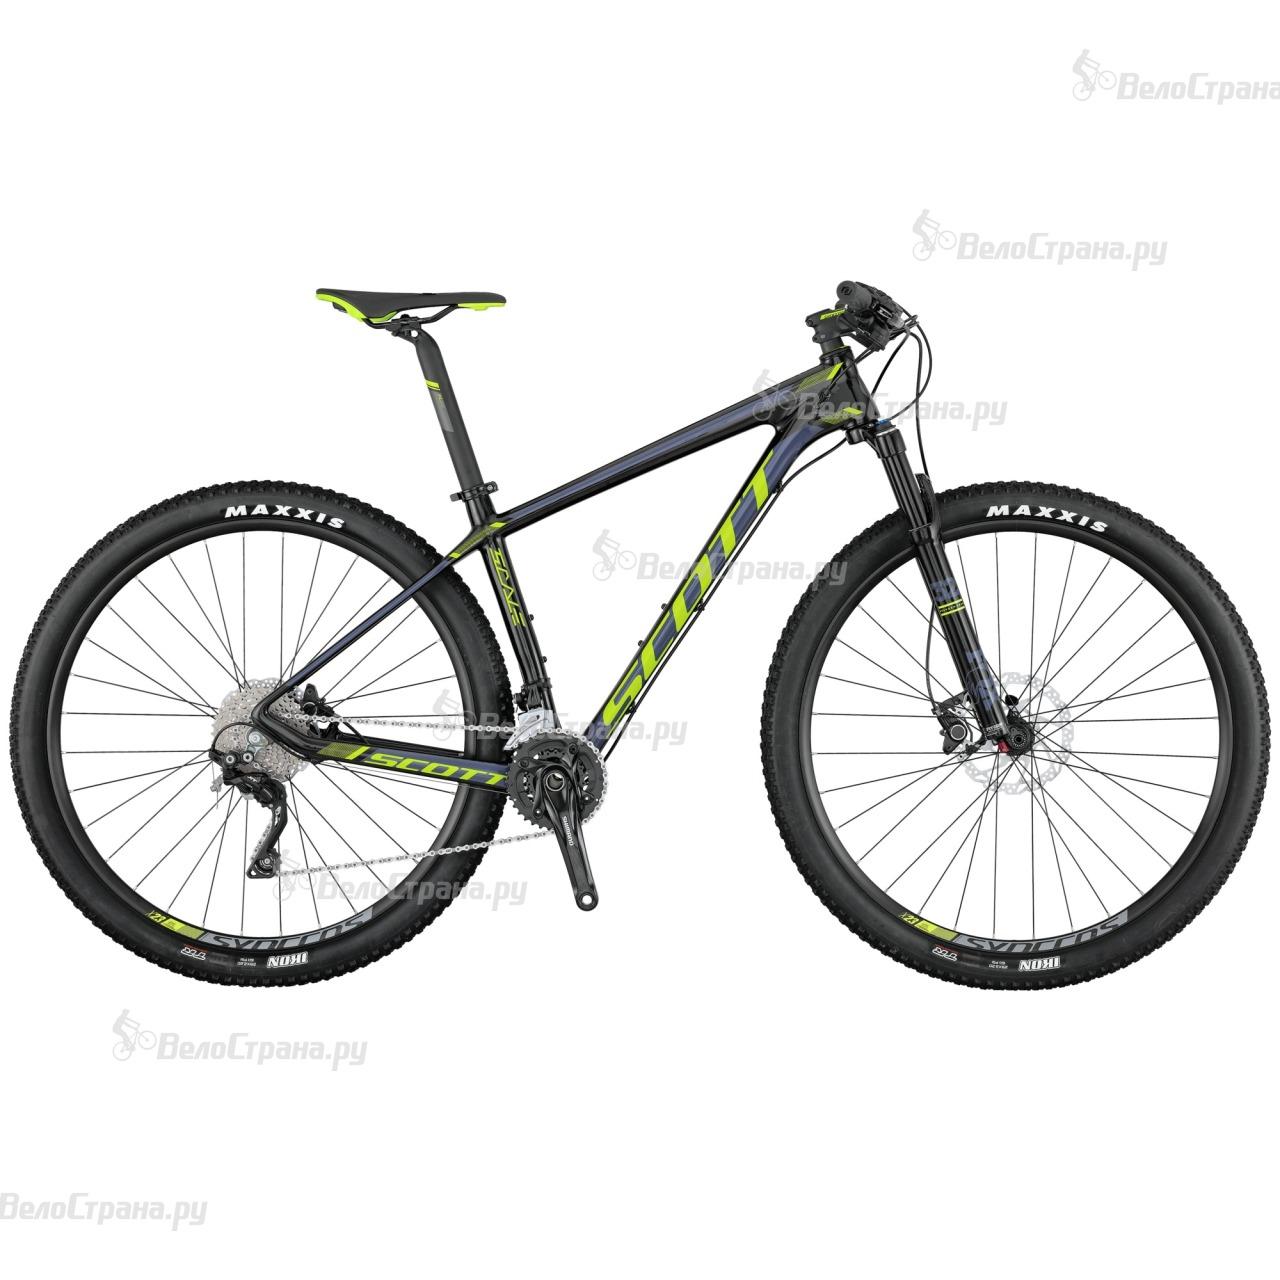 Велосипед Scott Scale 935 (2017) велосипед scott scale 935 2015